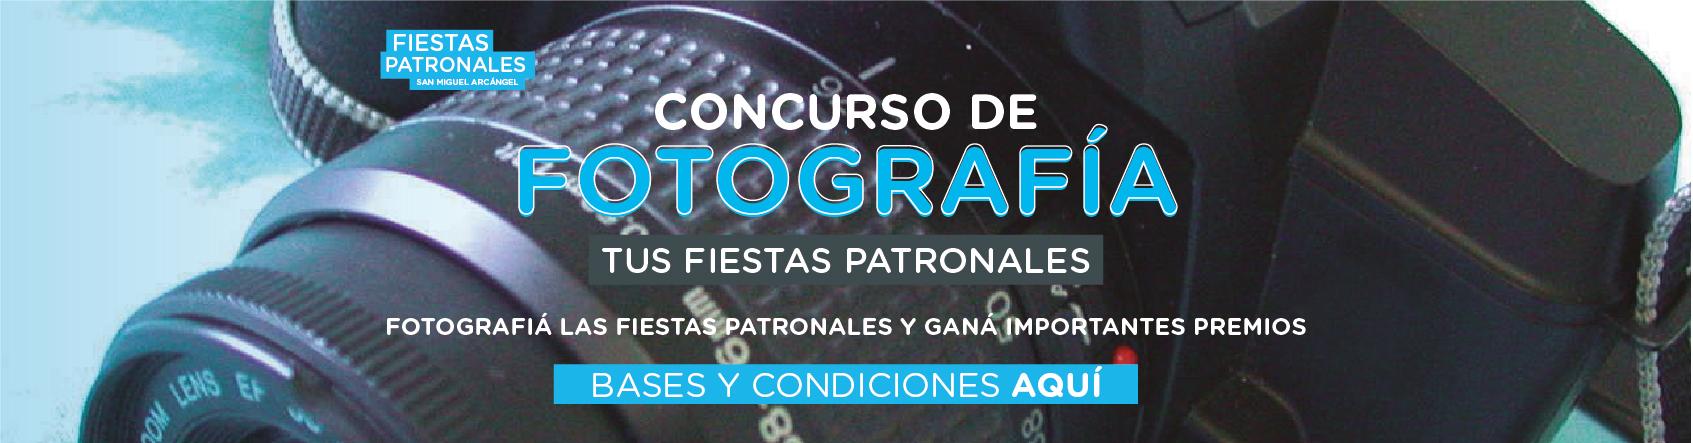 Concurso de fotografía patronales 2017